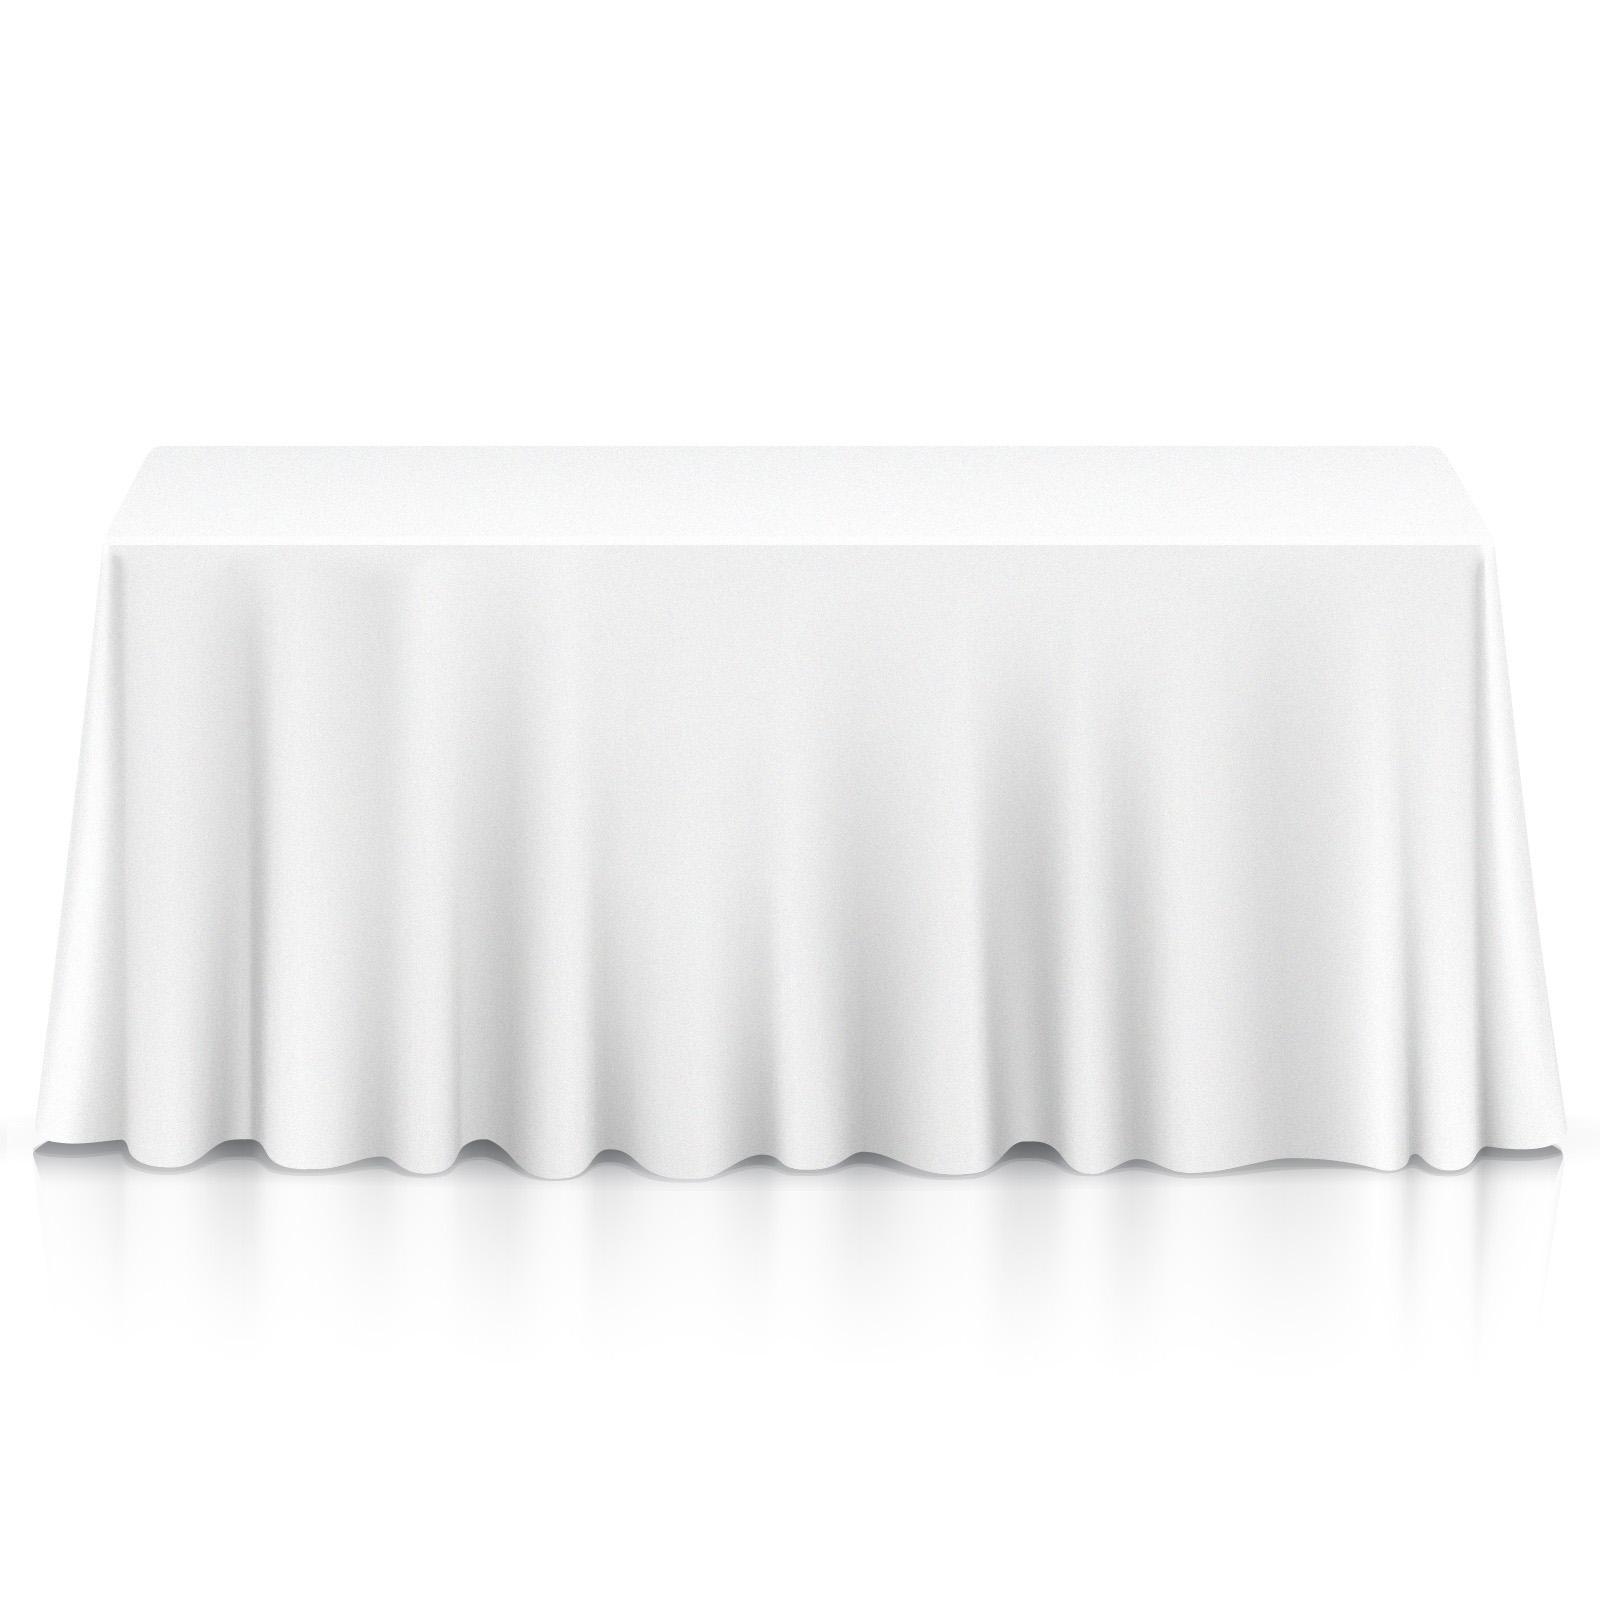 Lann's Linens 20 Premium Tablecloths for Wedding   Banquet   Restaurant Rectangular... by Lann's Linens